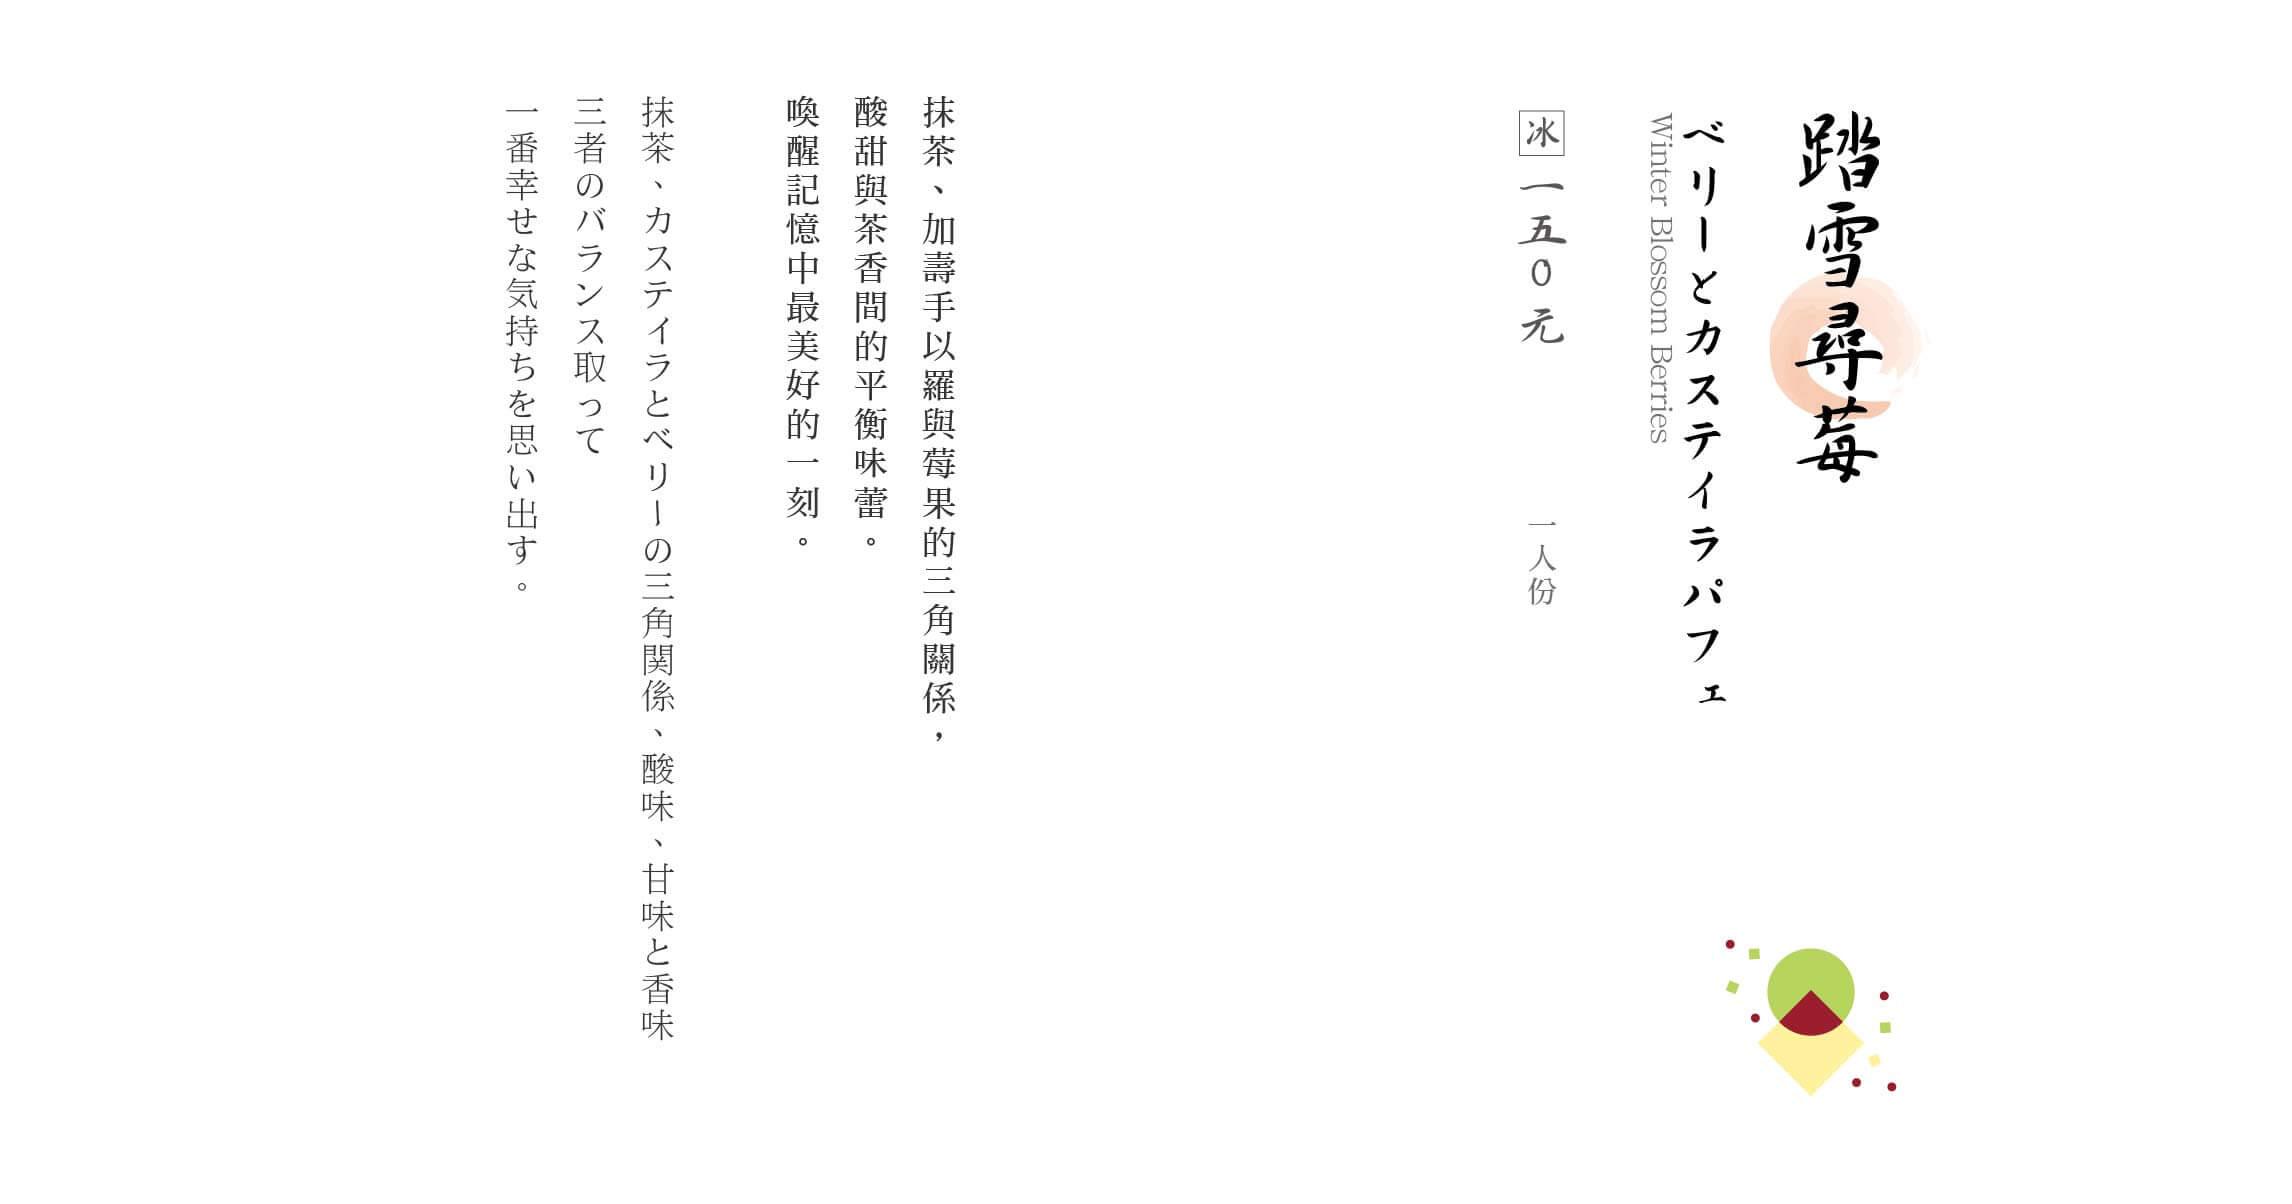 菜單官網_介紹文-04踏雪尋莓.jpg